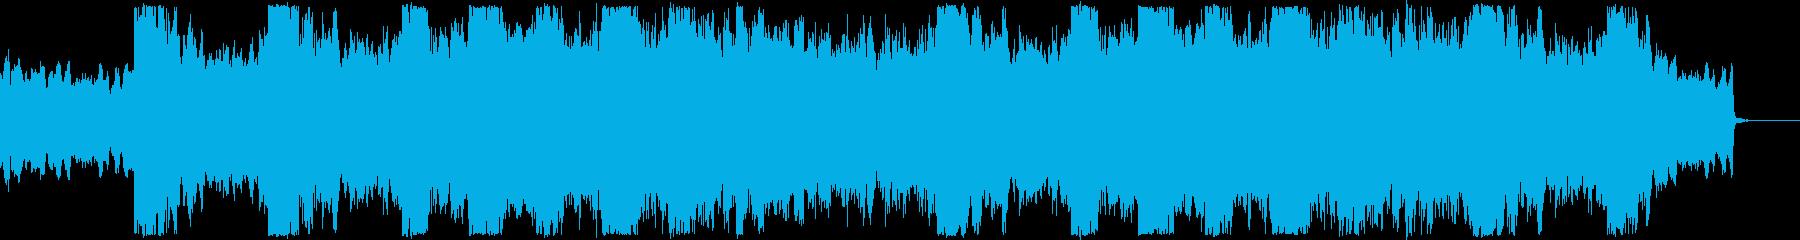 オーケストラでインスピレーションな曲の再生済みの波形